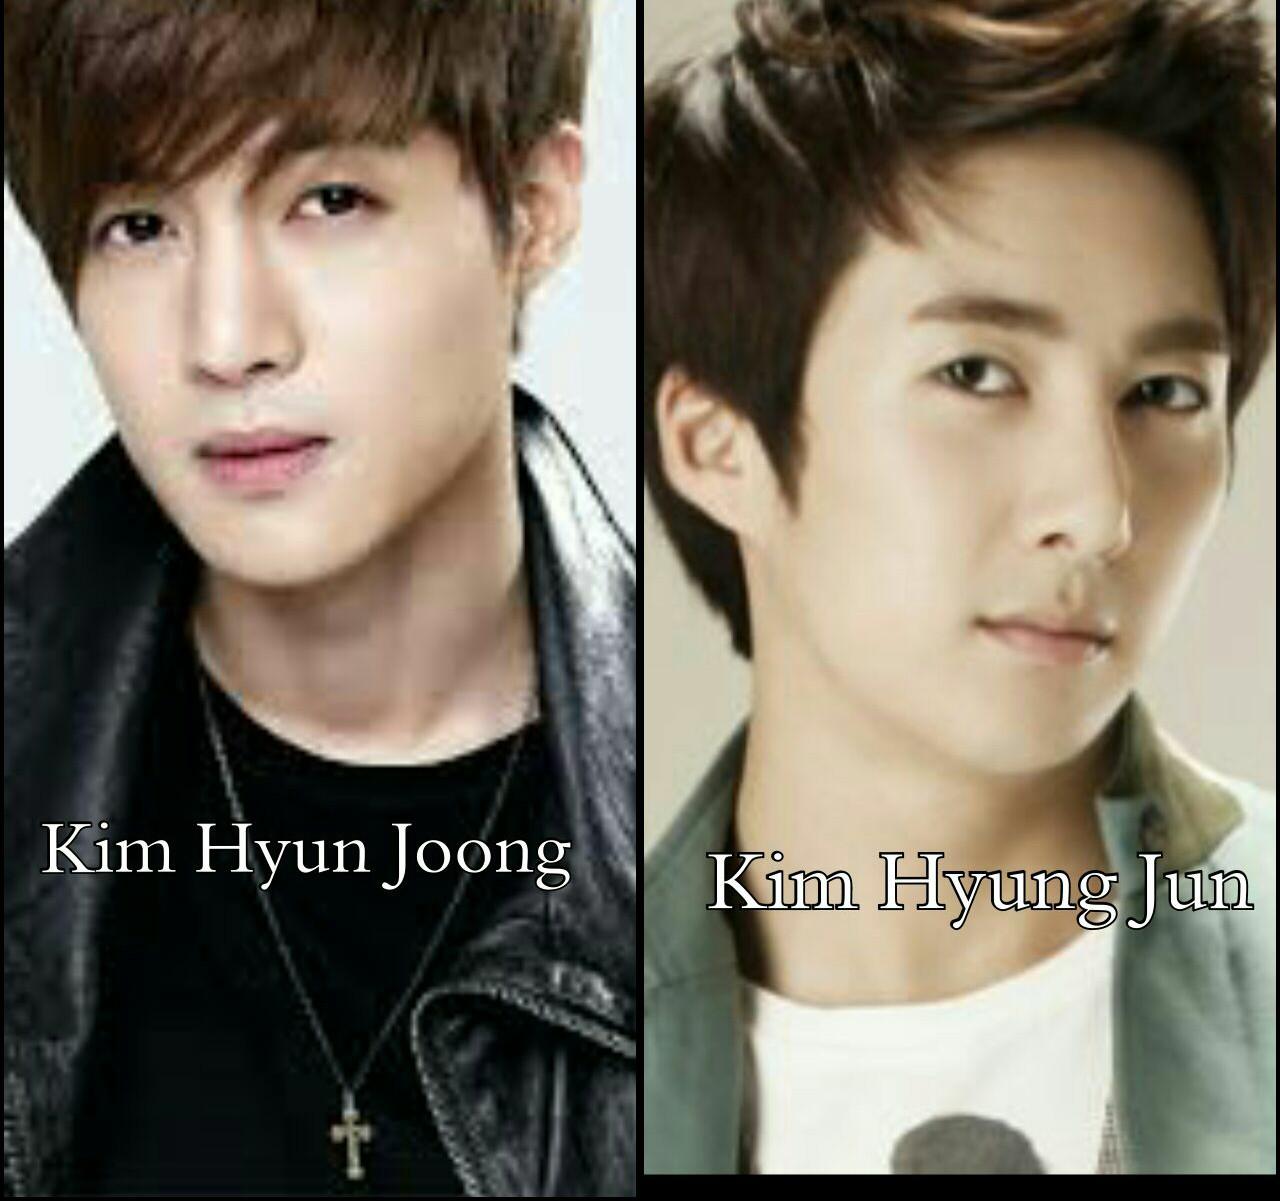 خوانندگان و بازیگران کره ای با اسم مشابه هیونگ جون و هیون جونگ